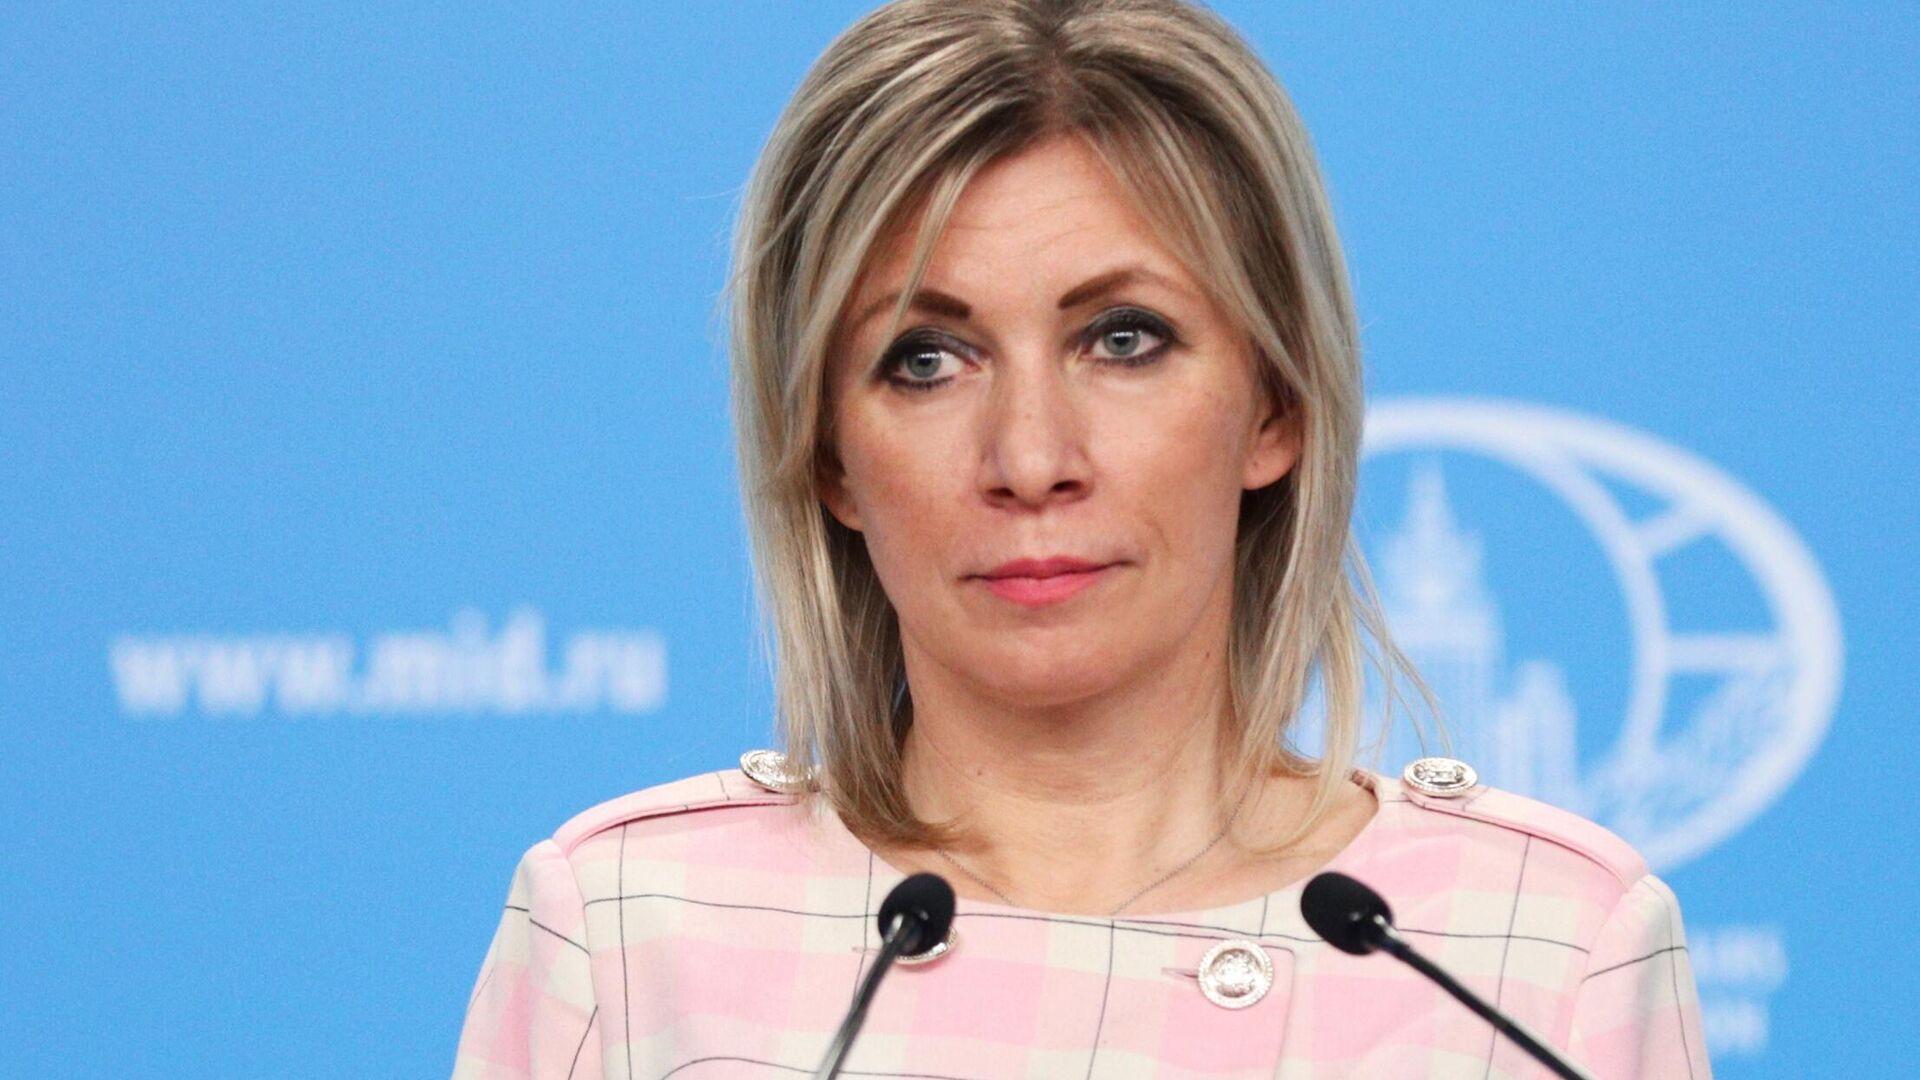 María Zajárova, portavoz del Ministerio de Asuntos Exteriores de Rusia - Sputnik Mundo, 1920, 26.02.2021